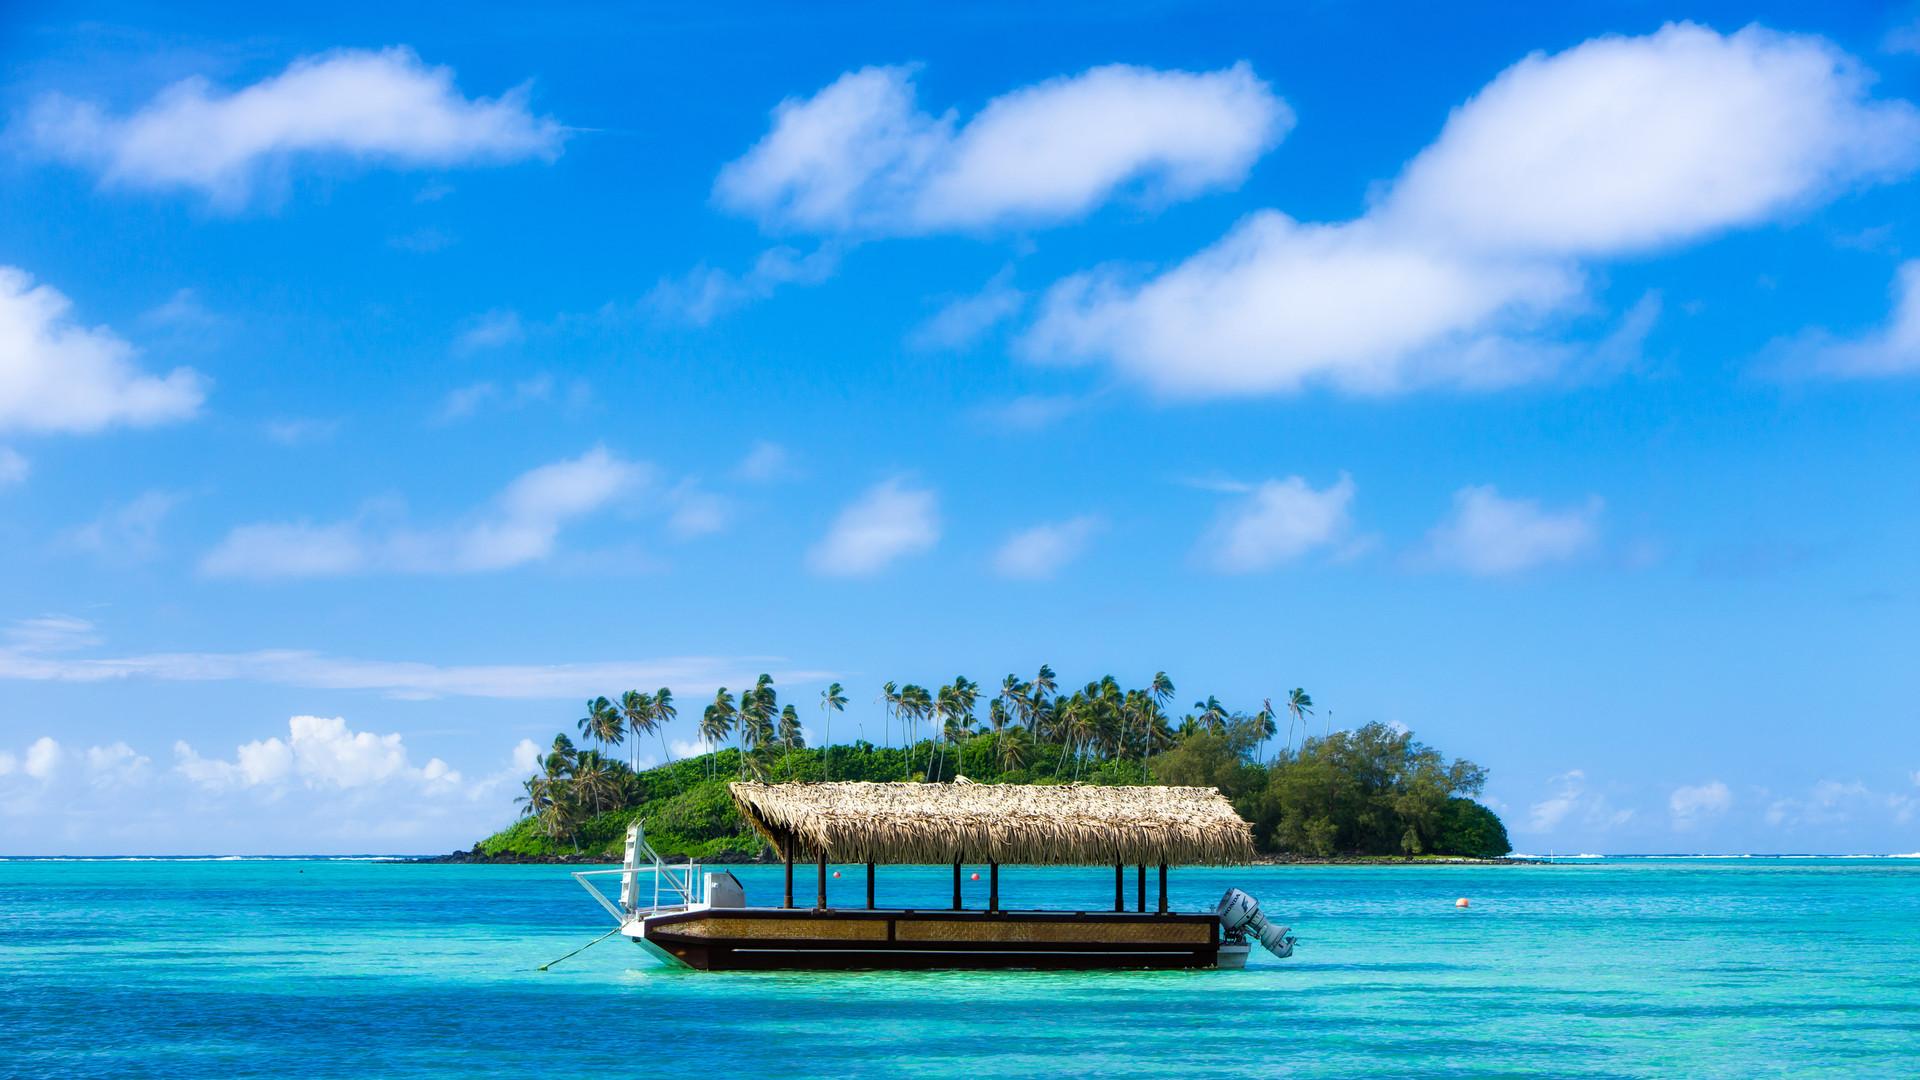 Pacific_Resort_Rarotonga-Blick_auf_Lagune